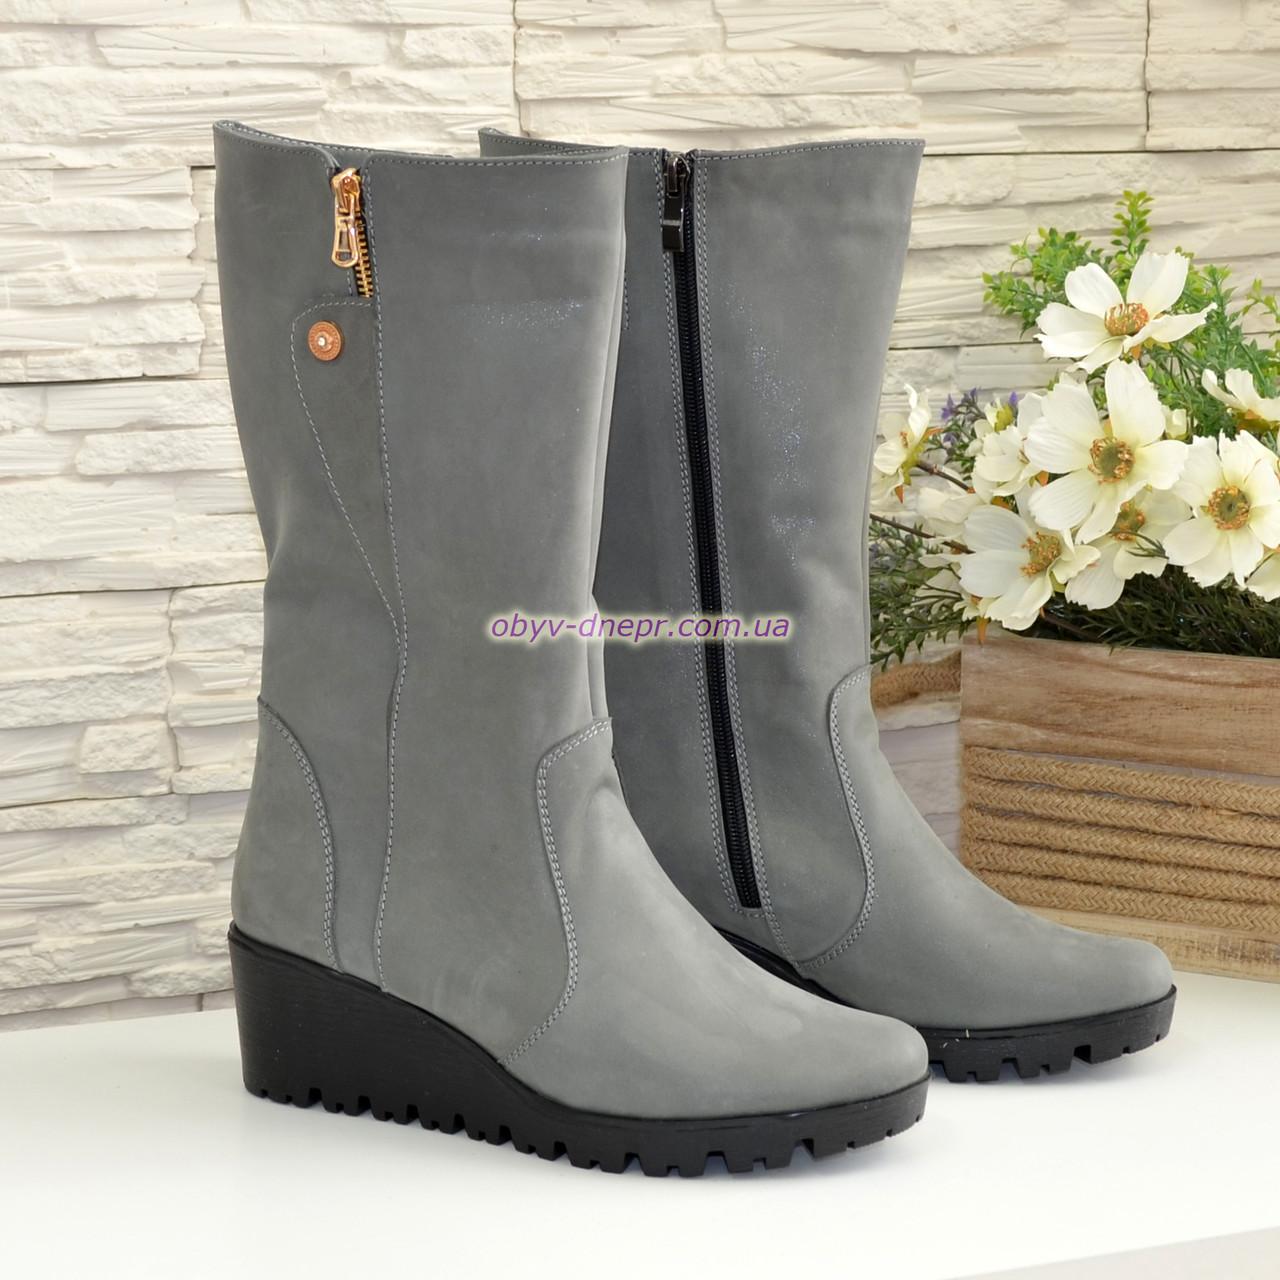 Демісезонні черевики на невисокій платформі, сіра шкіра натуральна